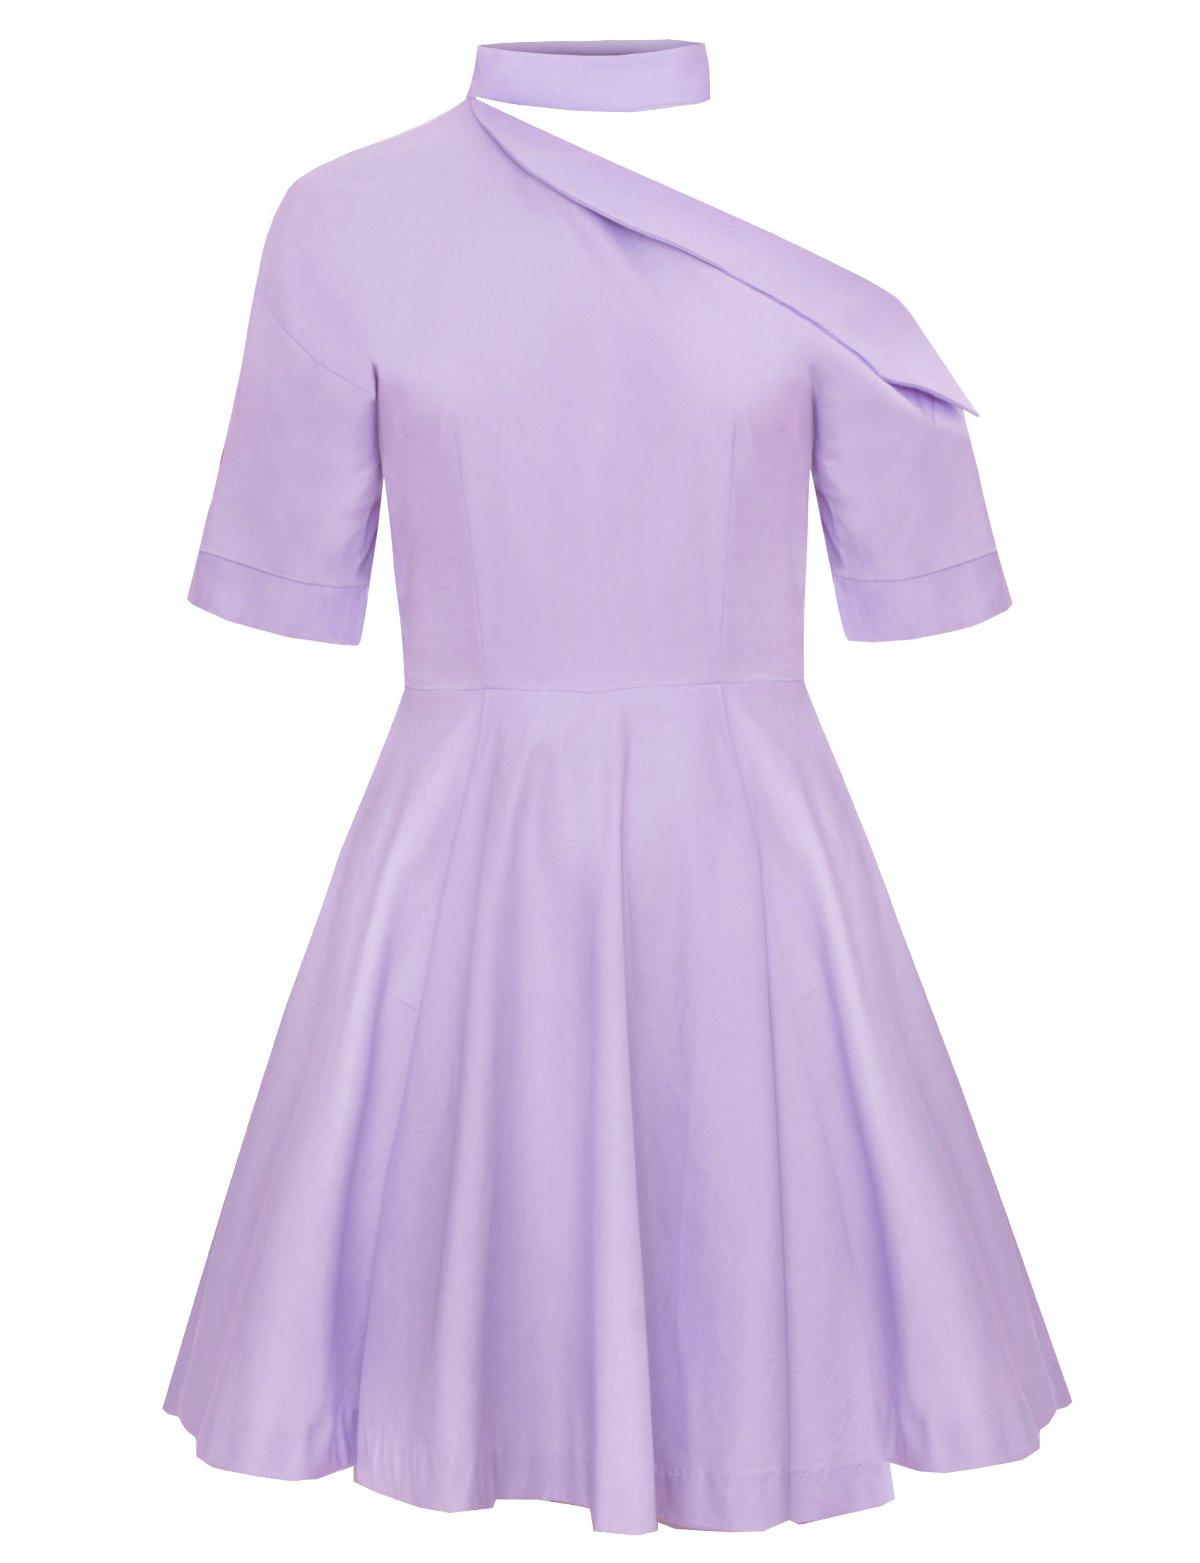 Pixie Market Kiko Choker Dress , $109